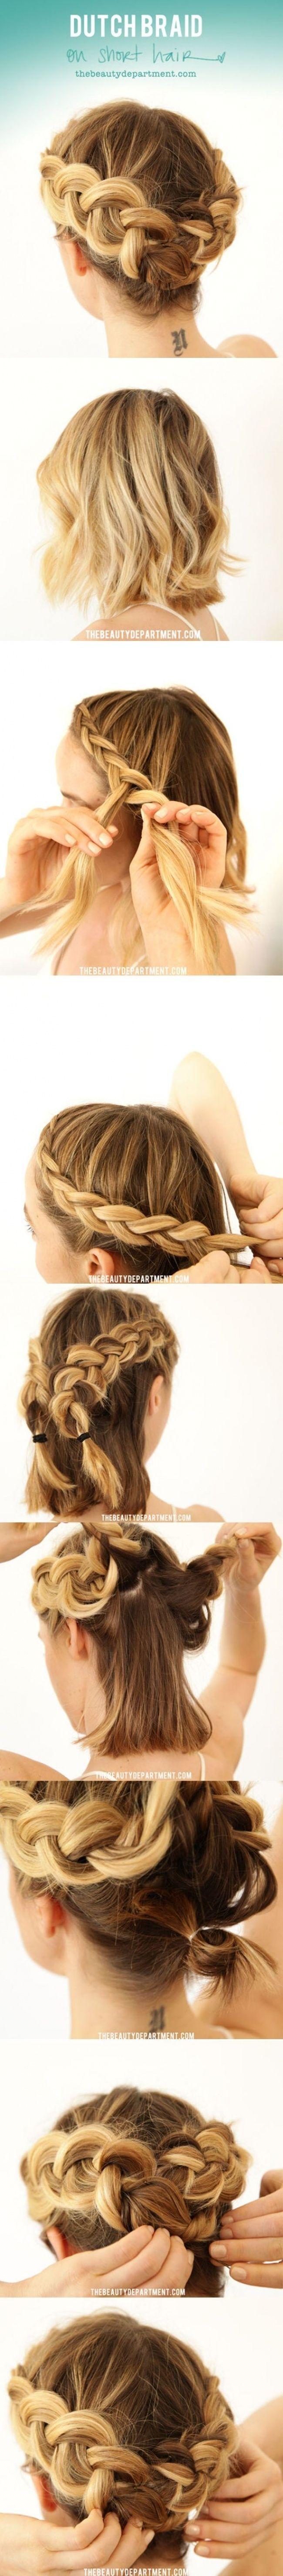 14Coiffures fantastiques pour les cheveux courts etfrisés